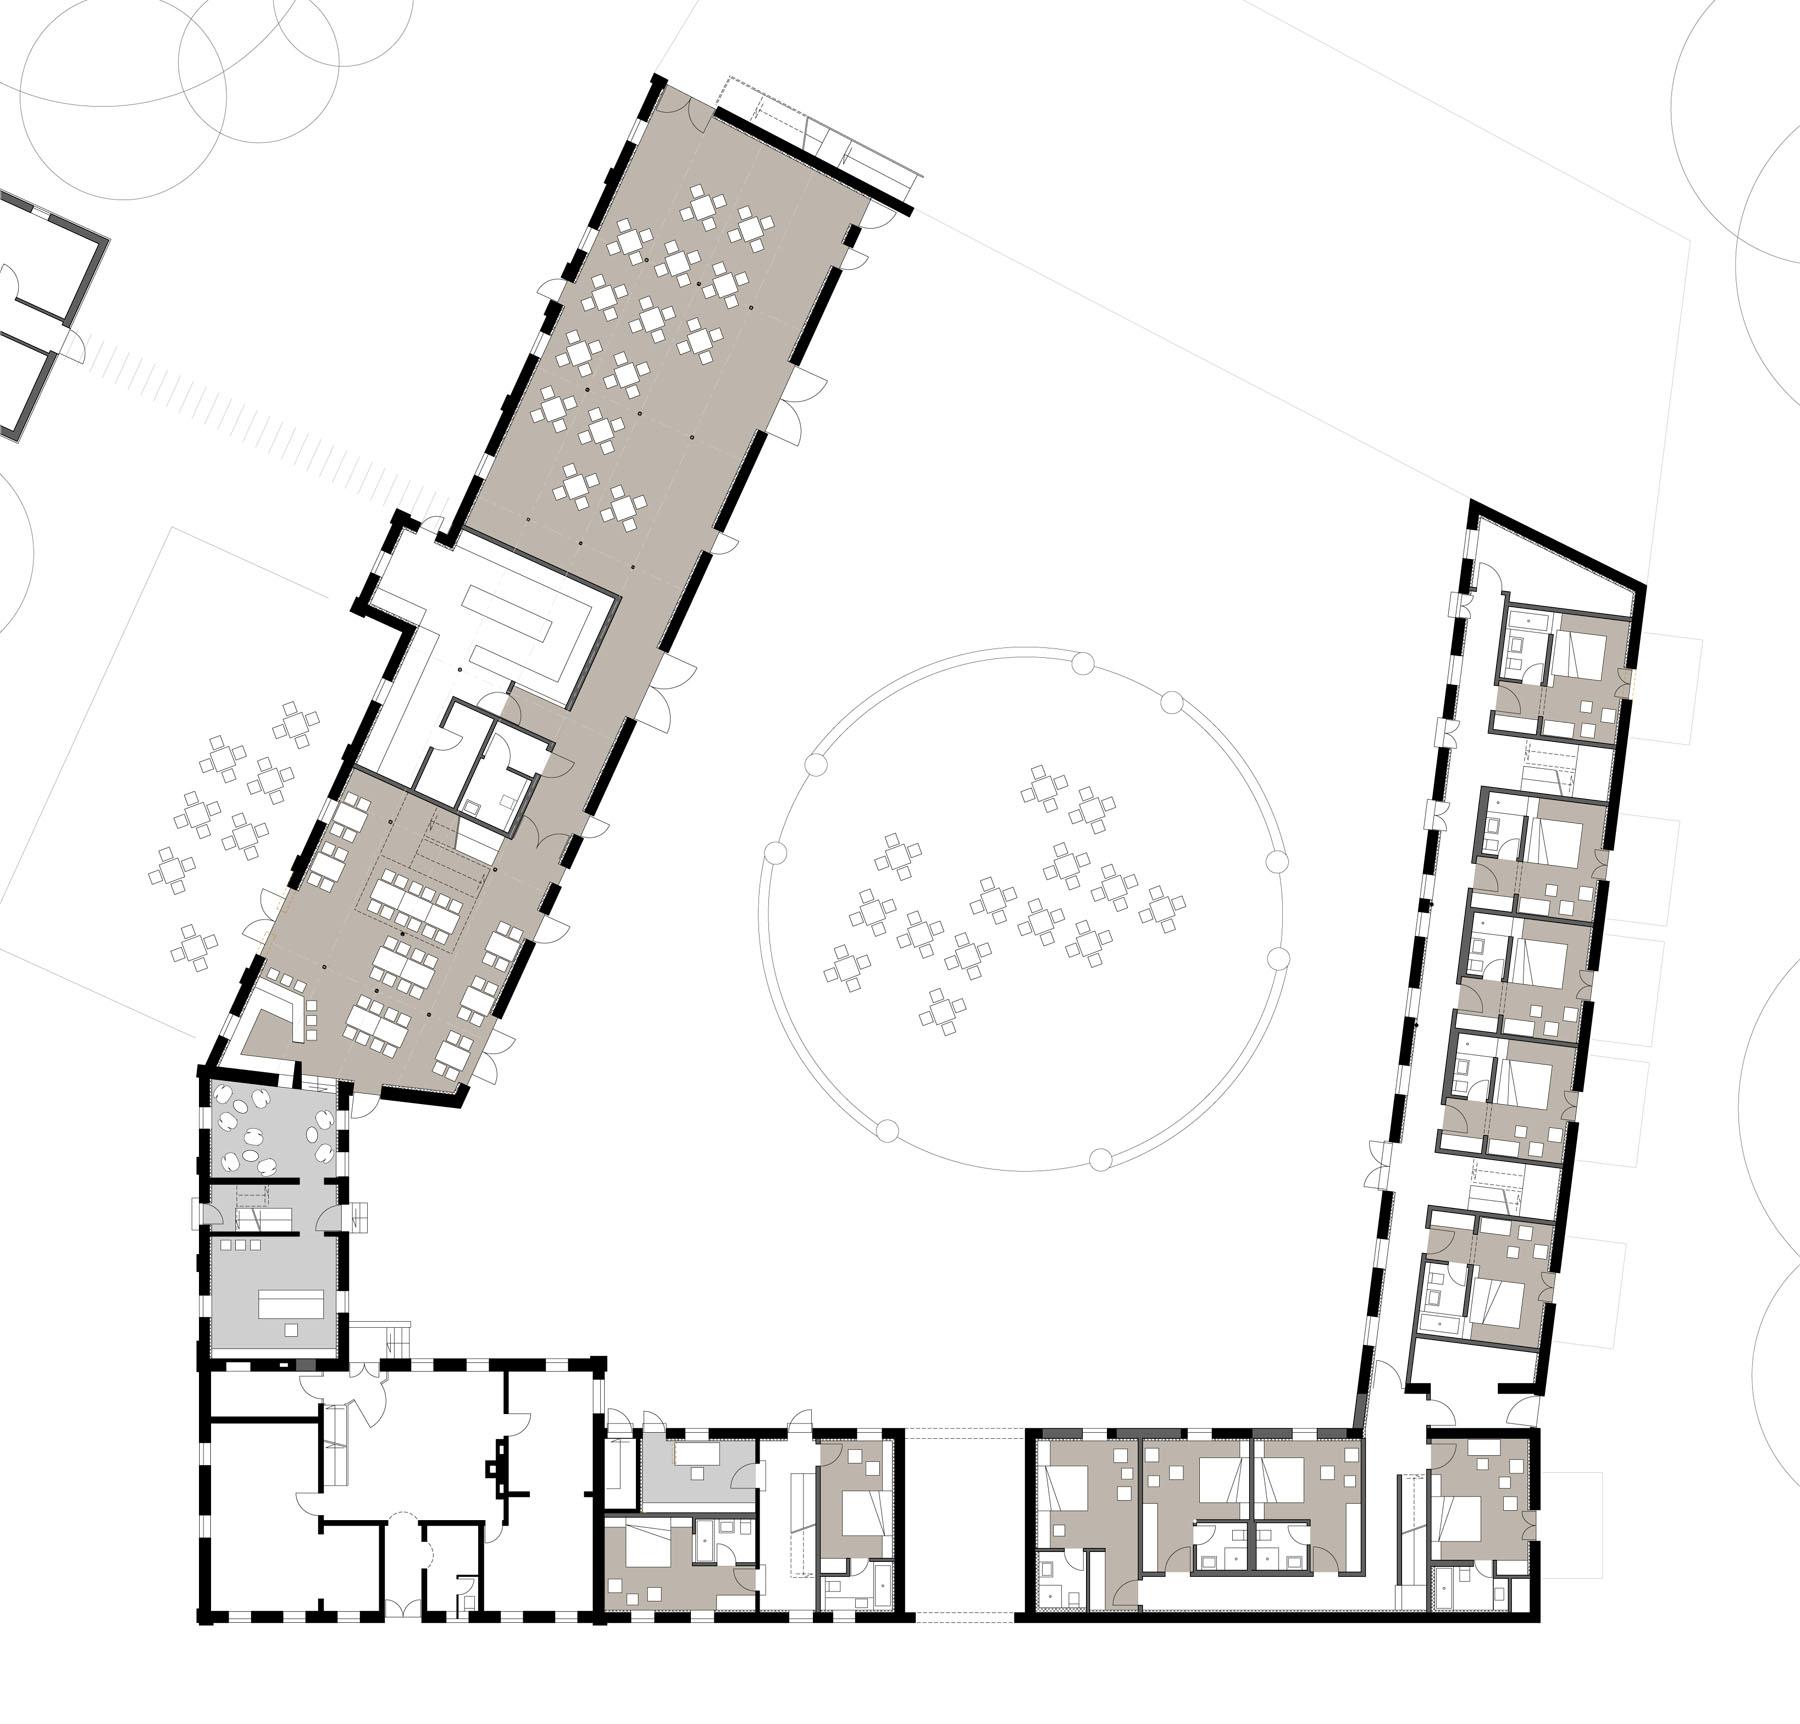 Hotel Gut Hohenholz Zeichnung Grundriss